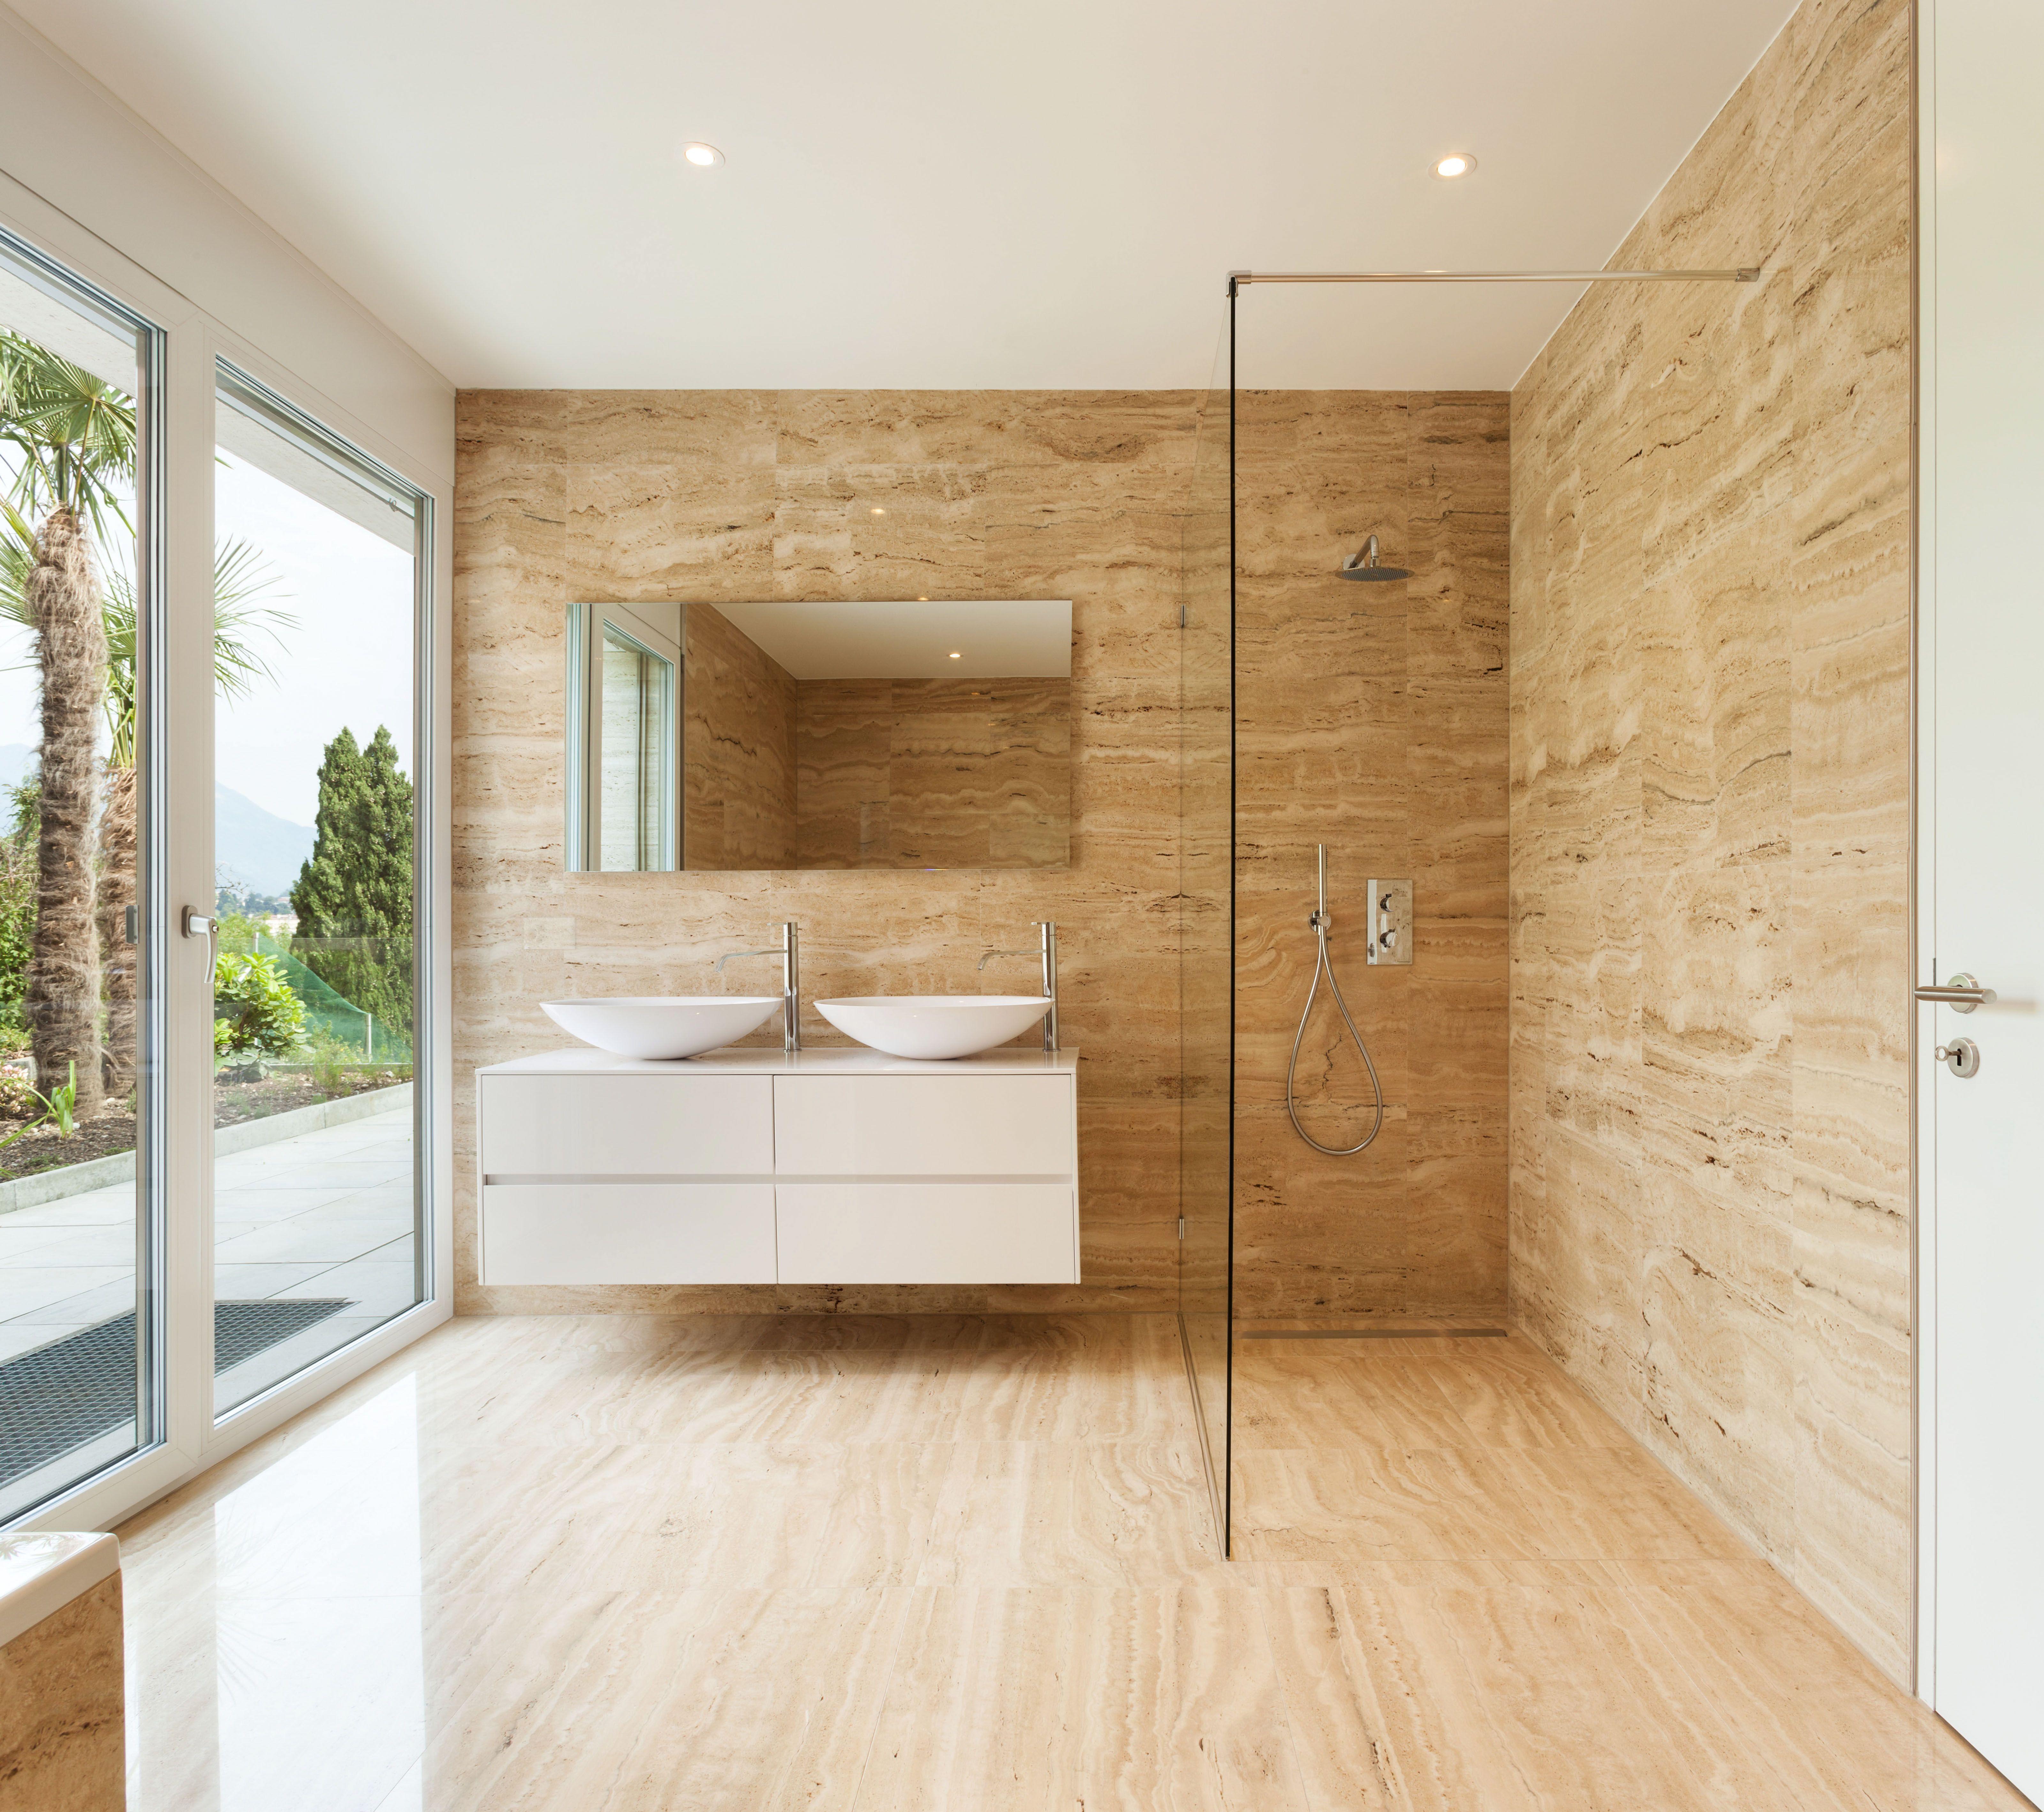 Foto 2 de Mobiliario para el baño en Onda | ZINNIA TILES S.L